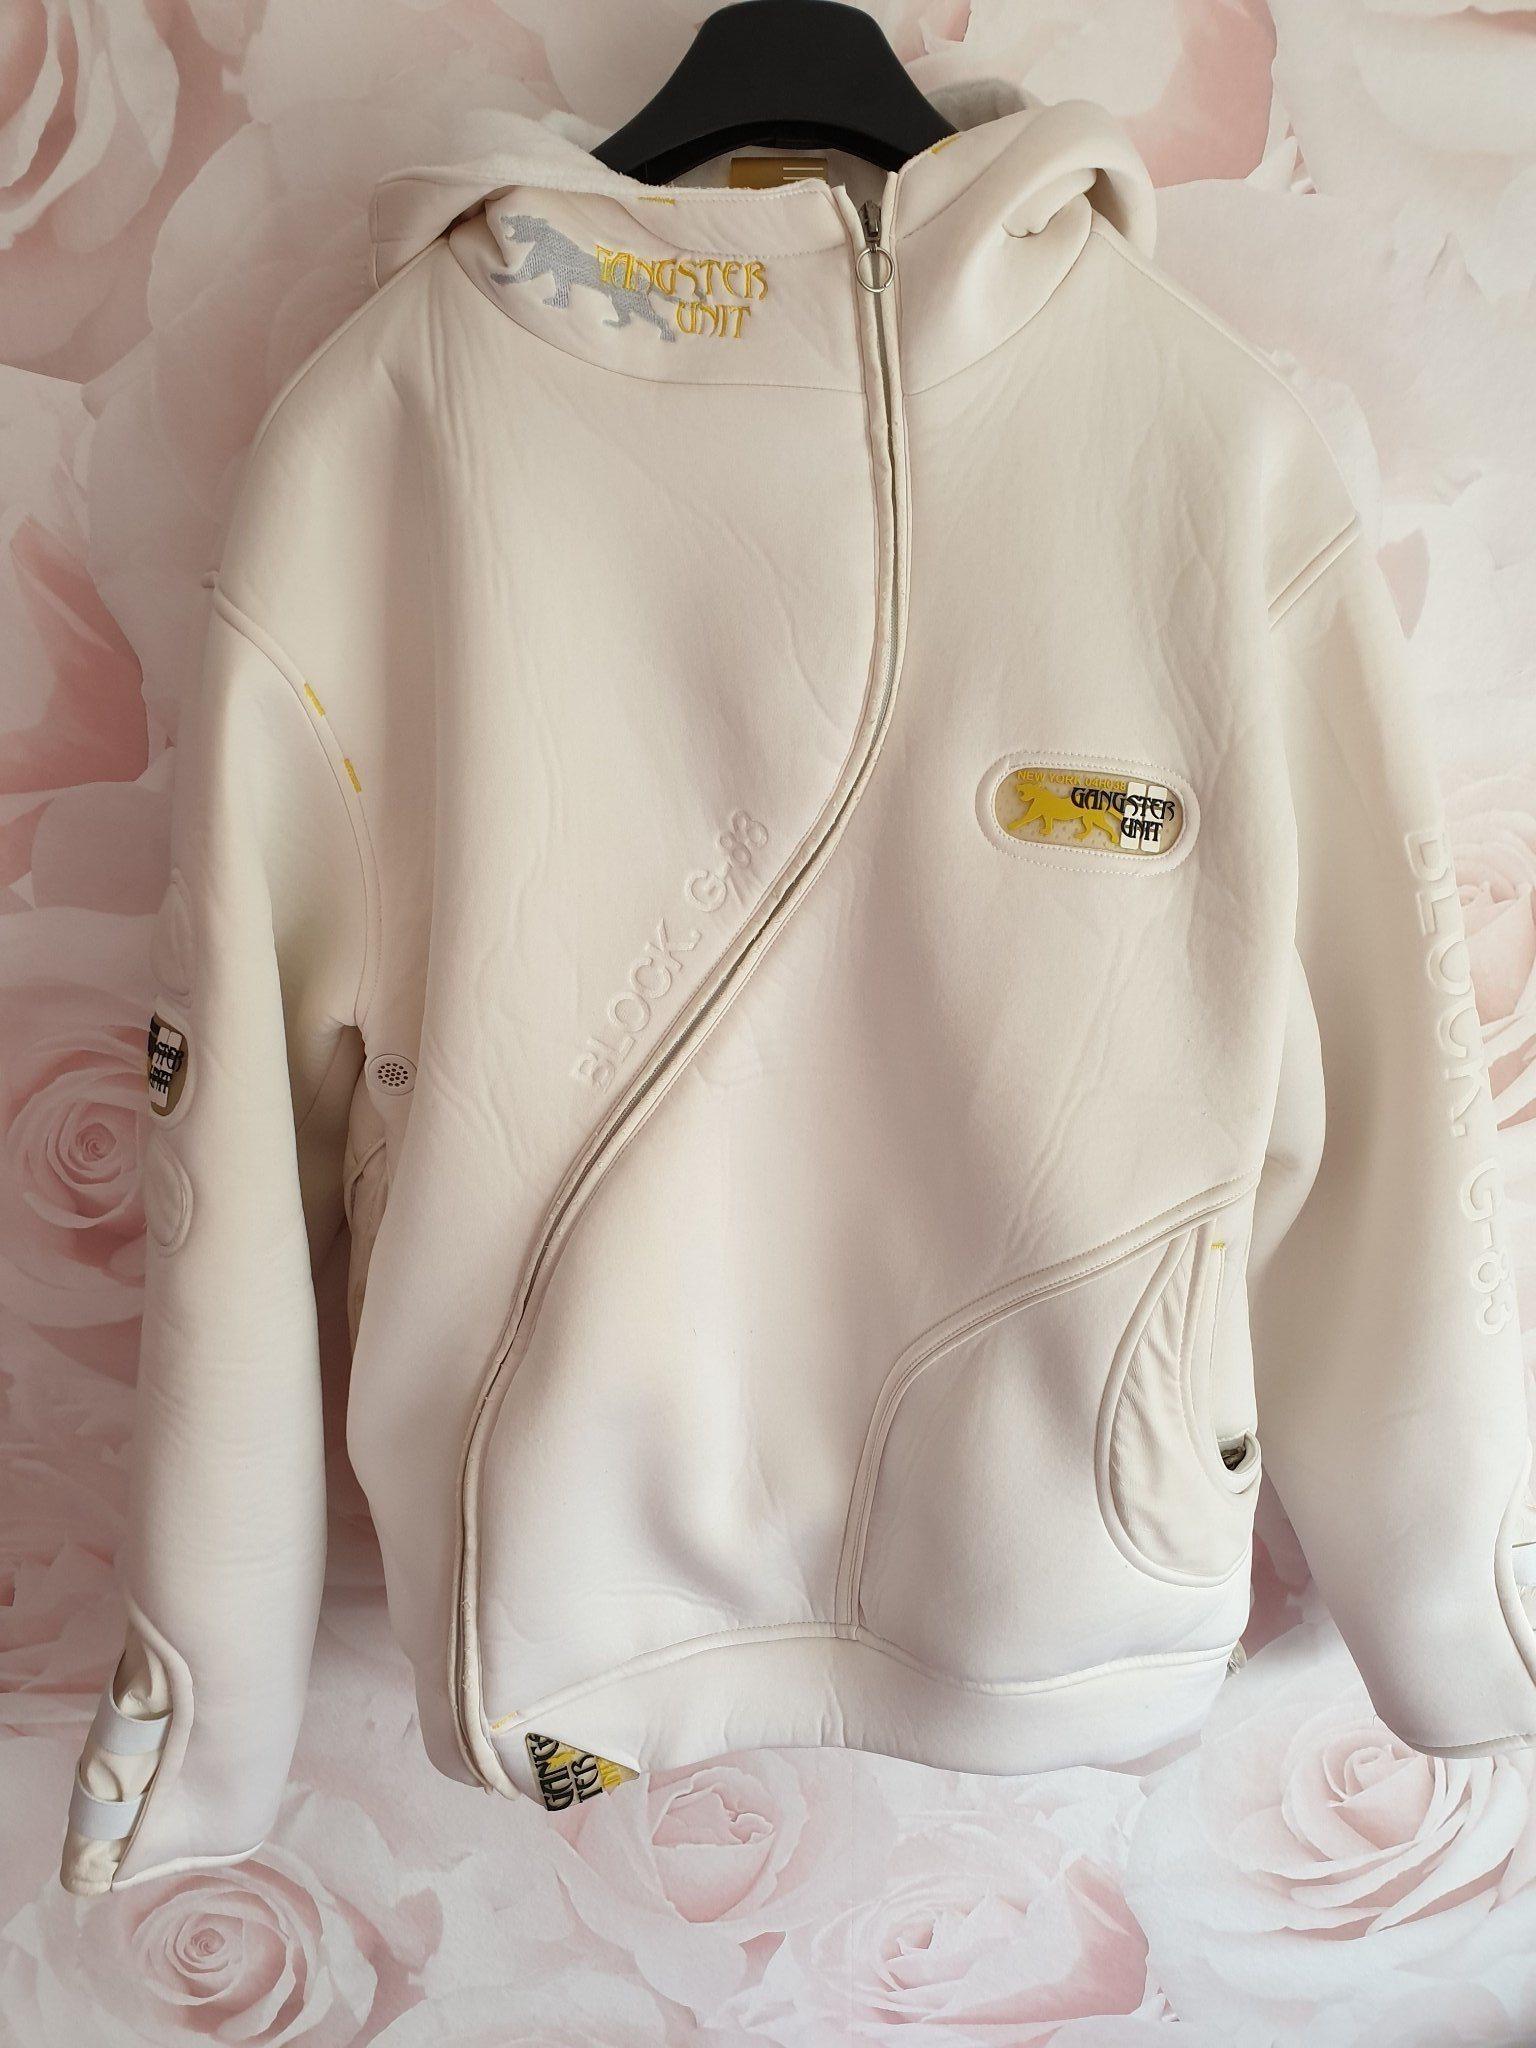 Gangster unit tröja strl L (345548910) ᐈ Köp på Tradera